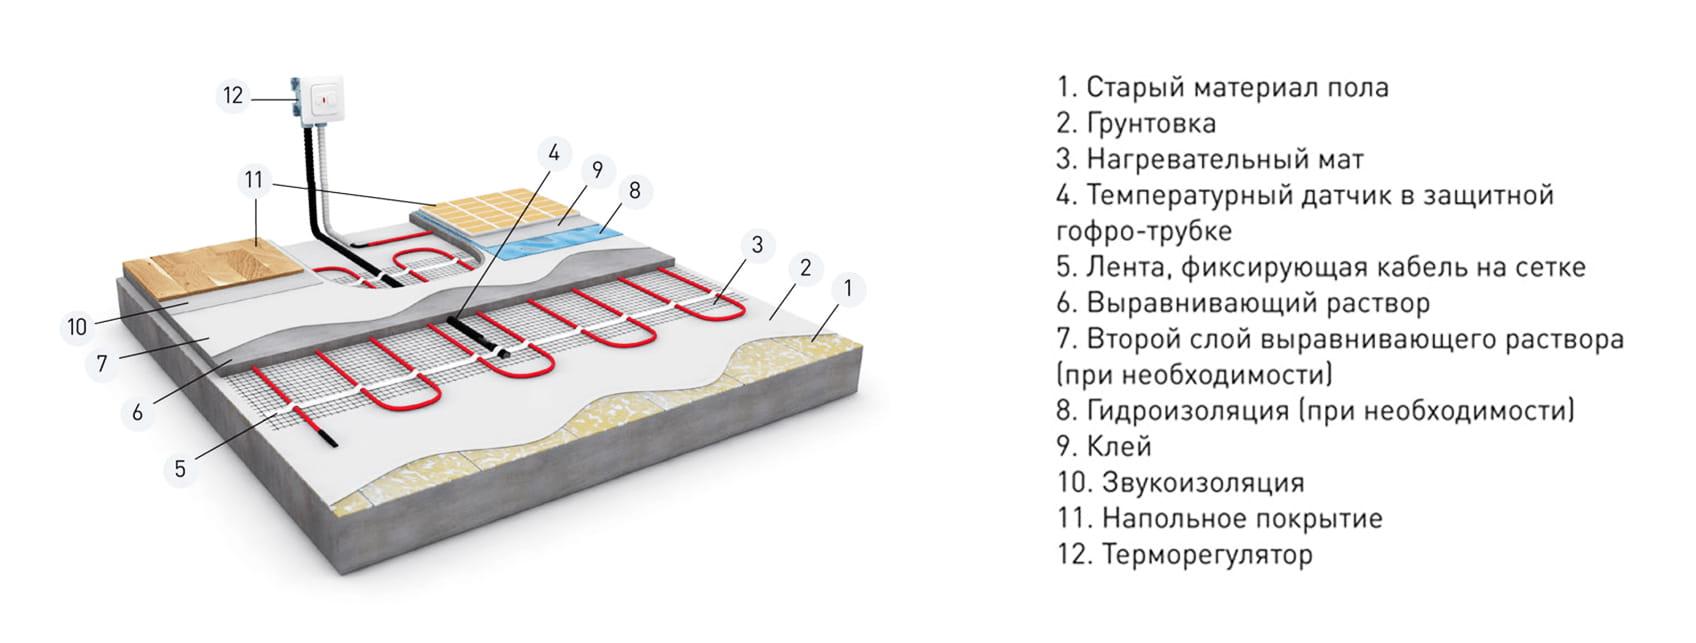 Кабельныйт мат Штоллер Купить в Украине